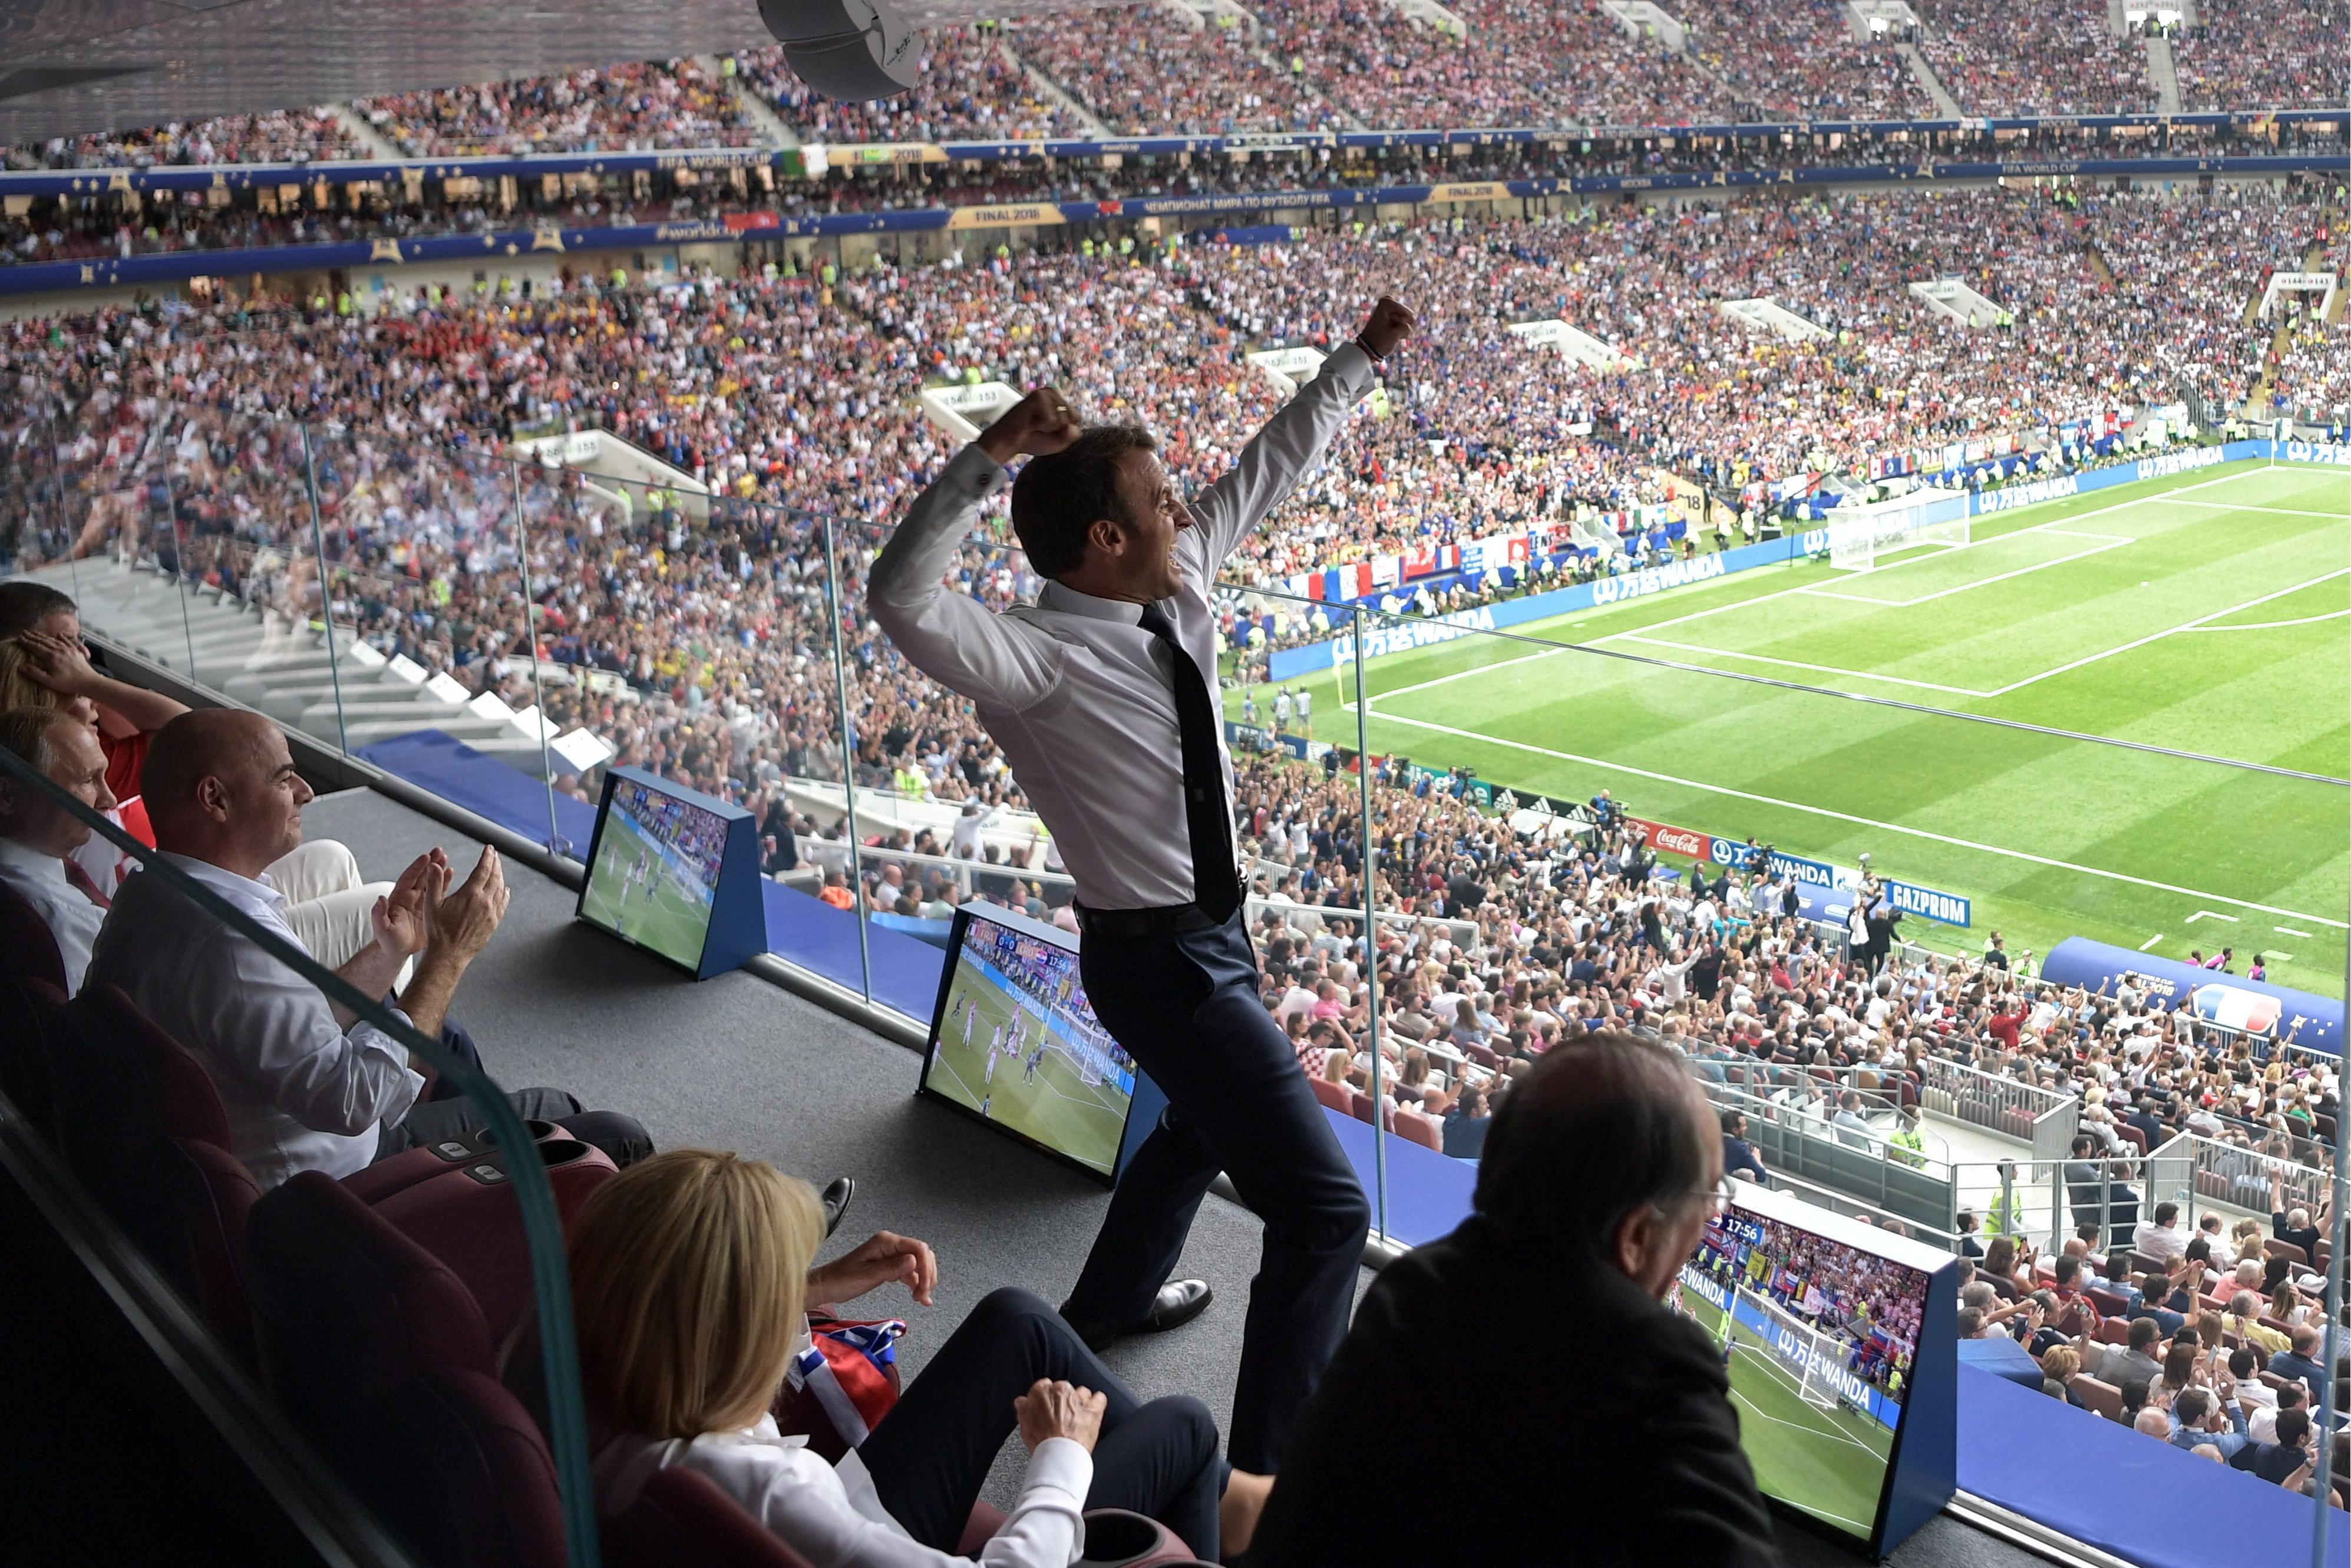 Cette photo de Macron célébrant le 1er but des Bleus est devenue